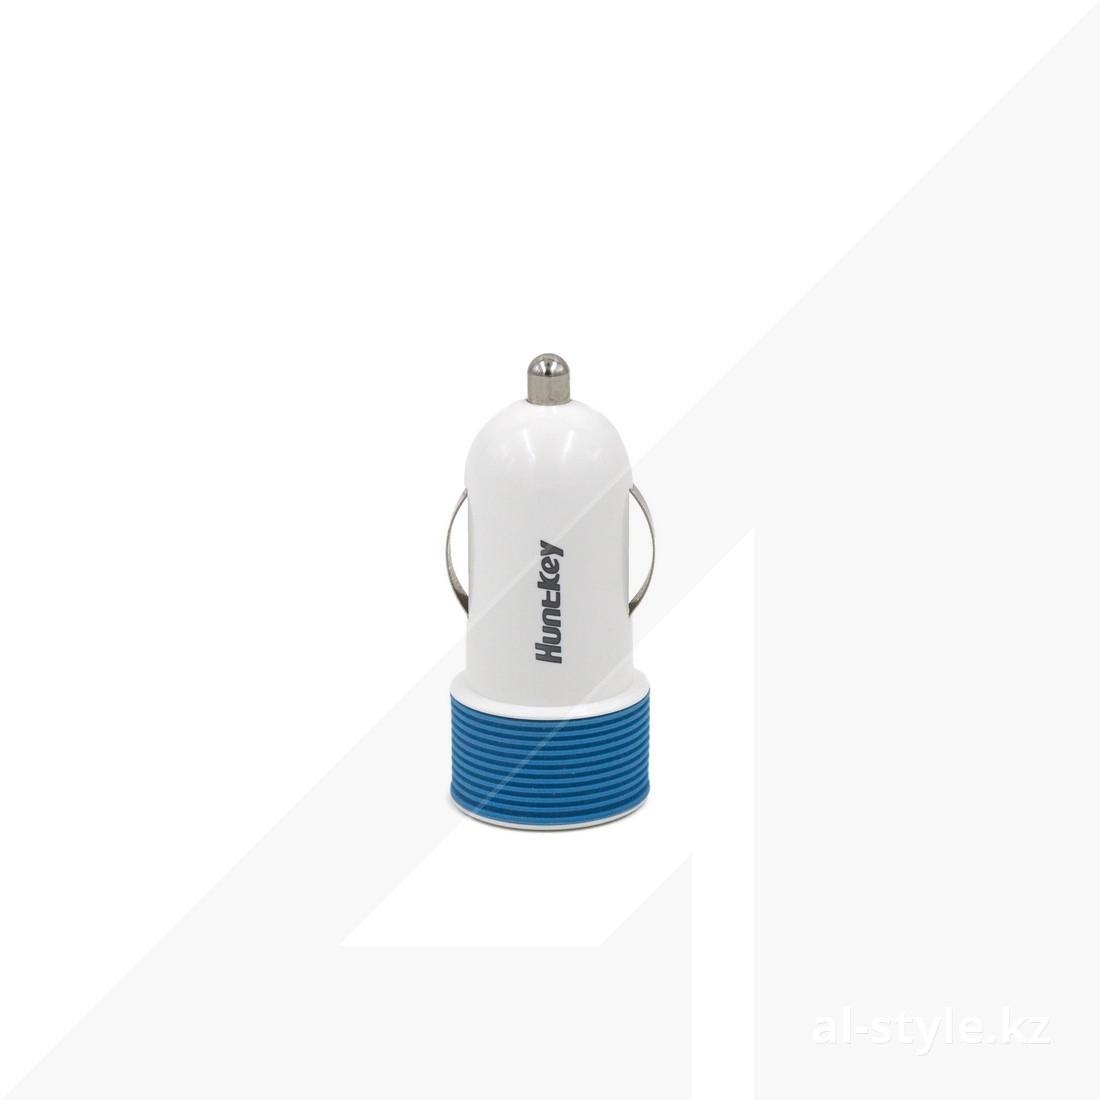 Автомобильное USB зарядное устройство HuntKey HKB01005021-0B